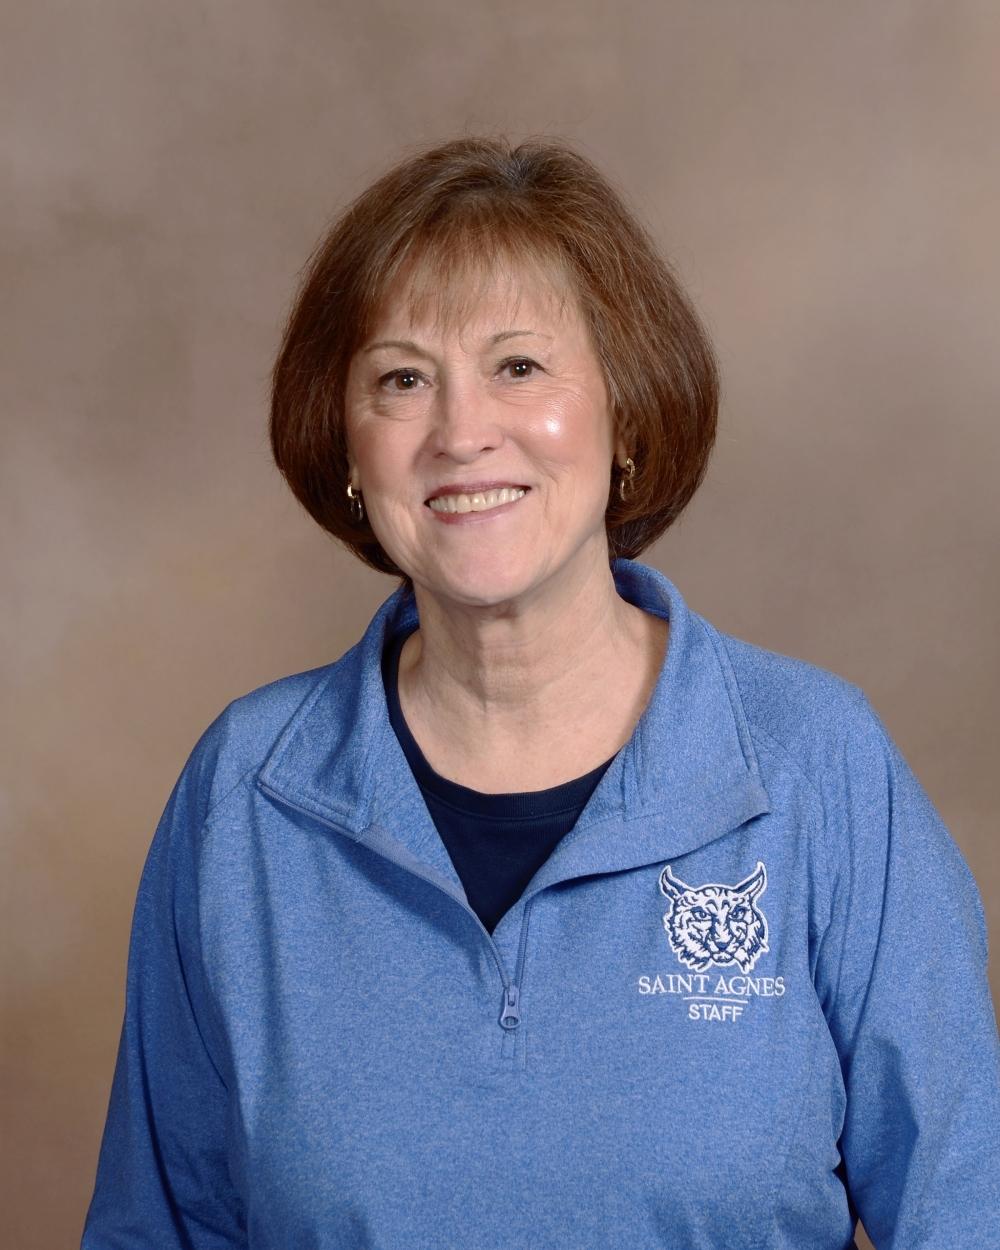 Mrs. Denise Graves